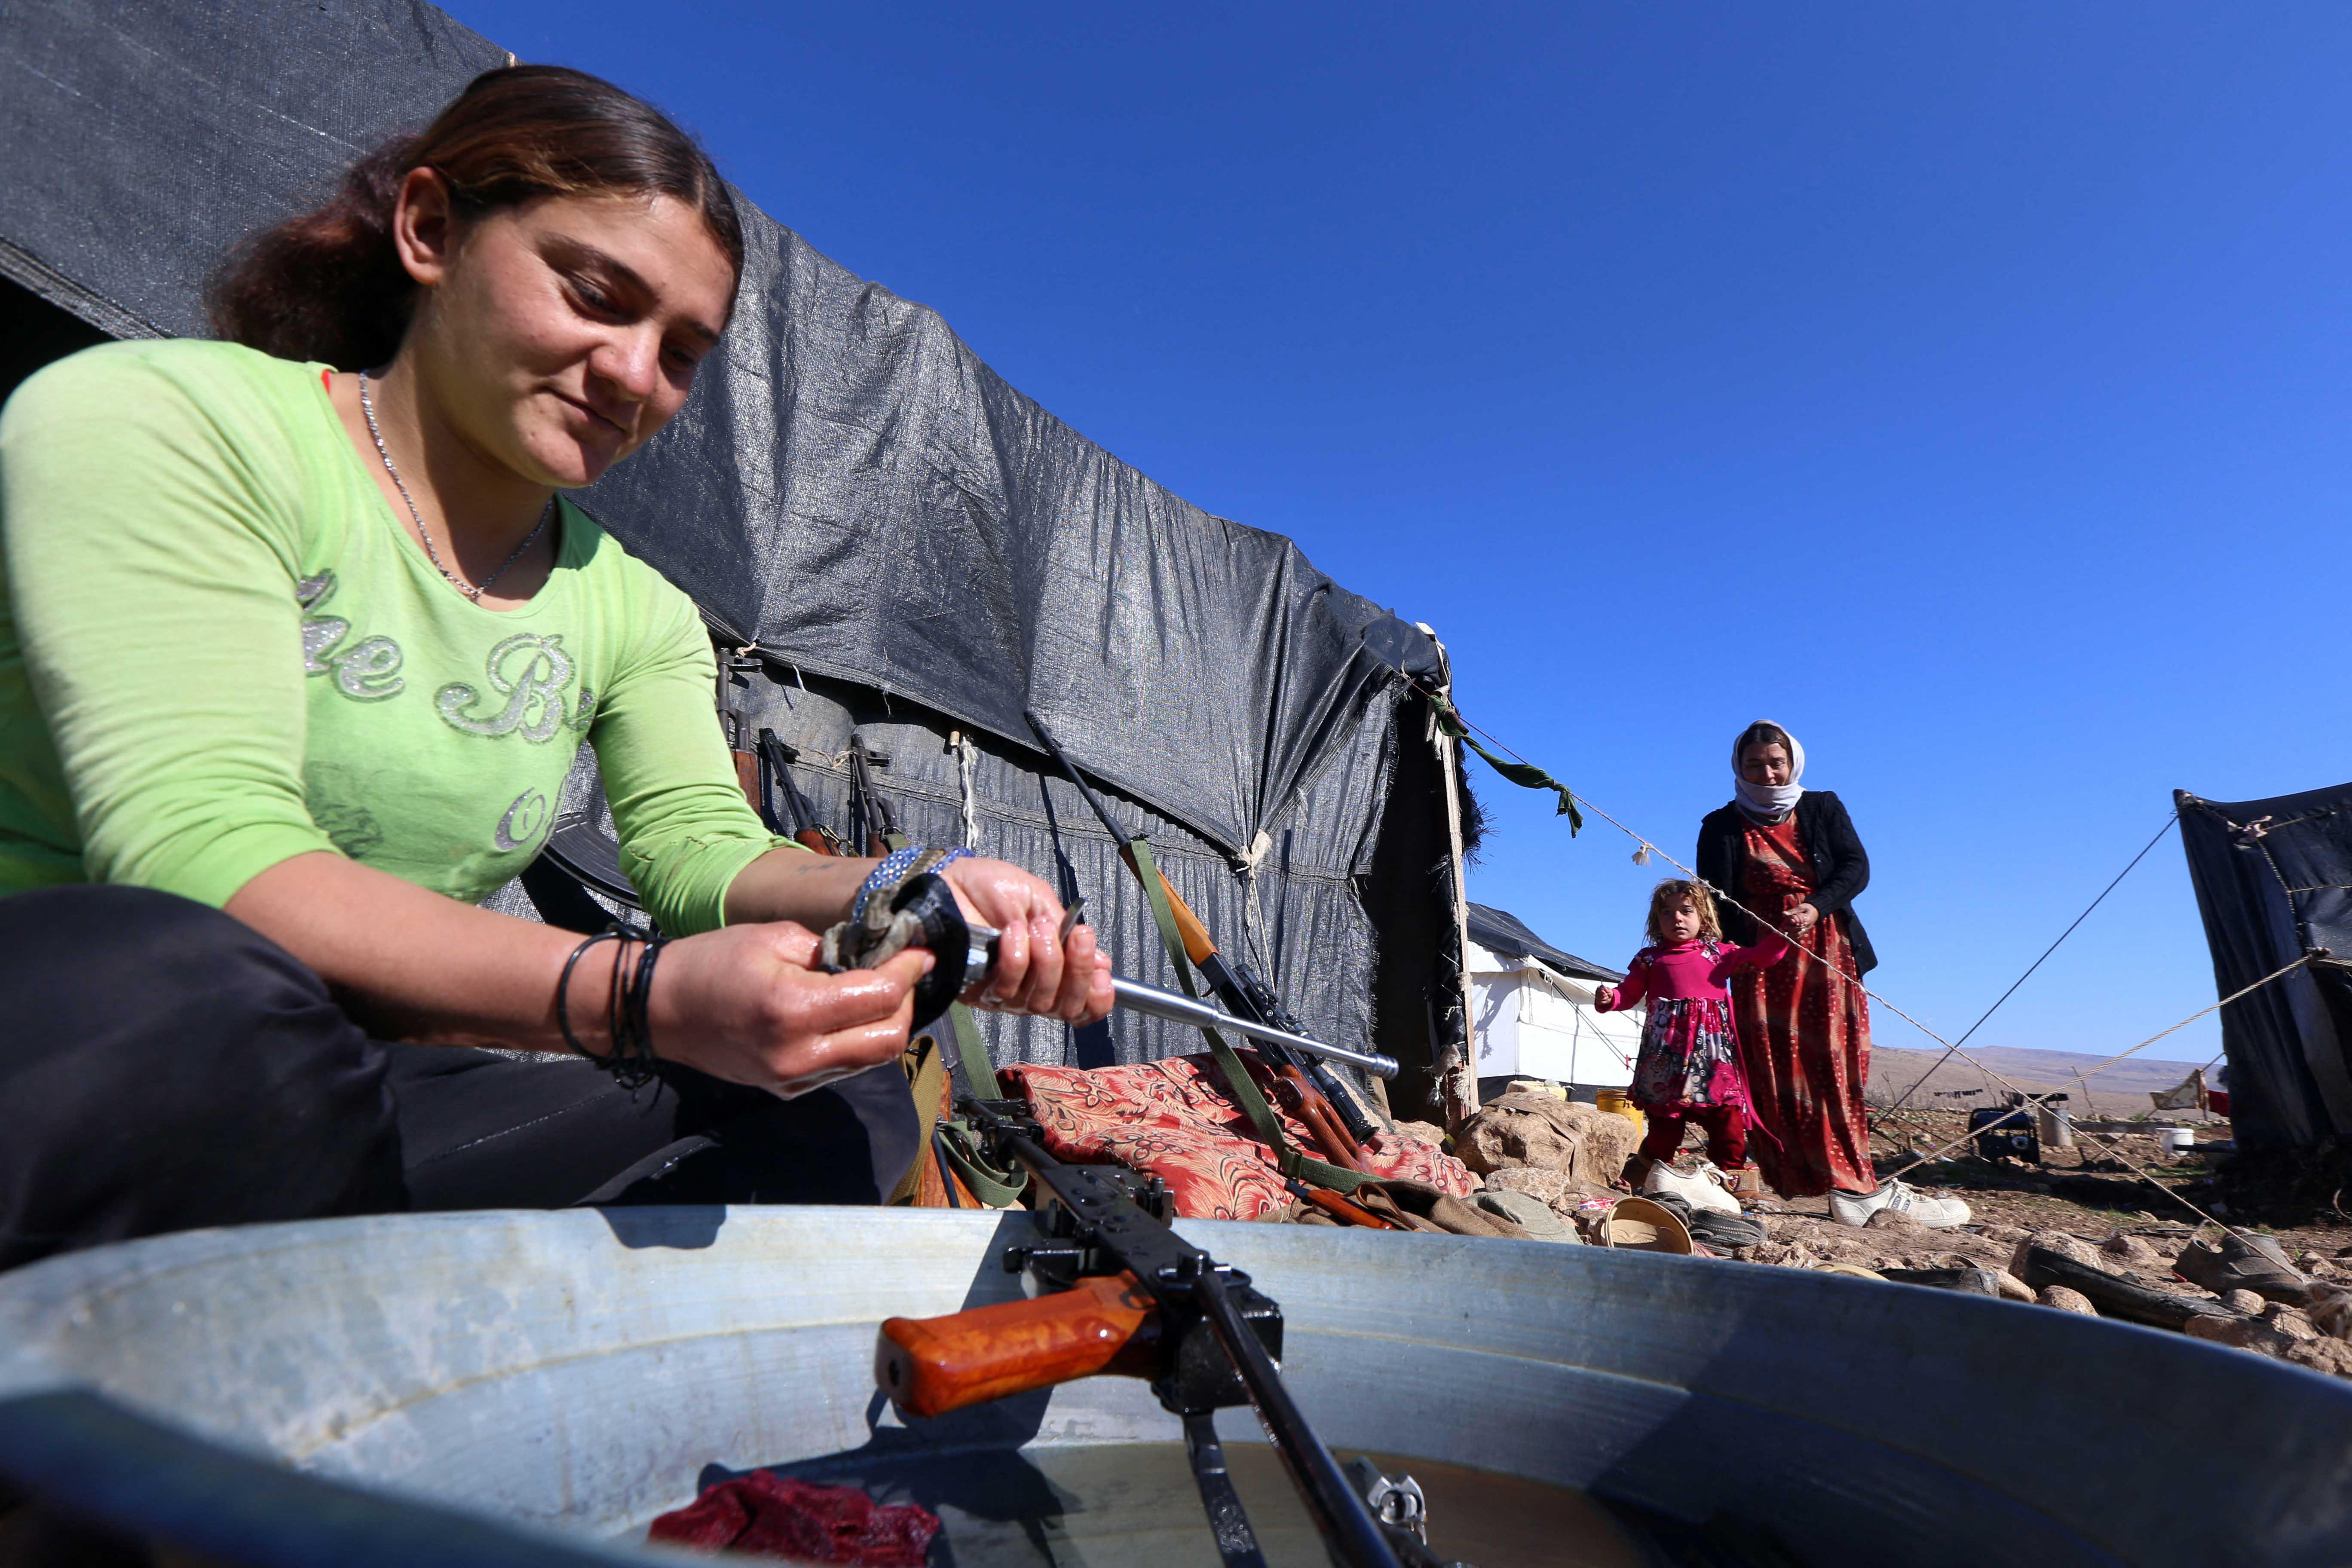 امرأة تنظف سلاحا منزليا في العراق.. حيث تنتشر الأسلحة بكثاقة